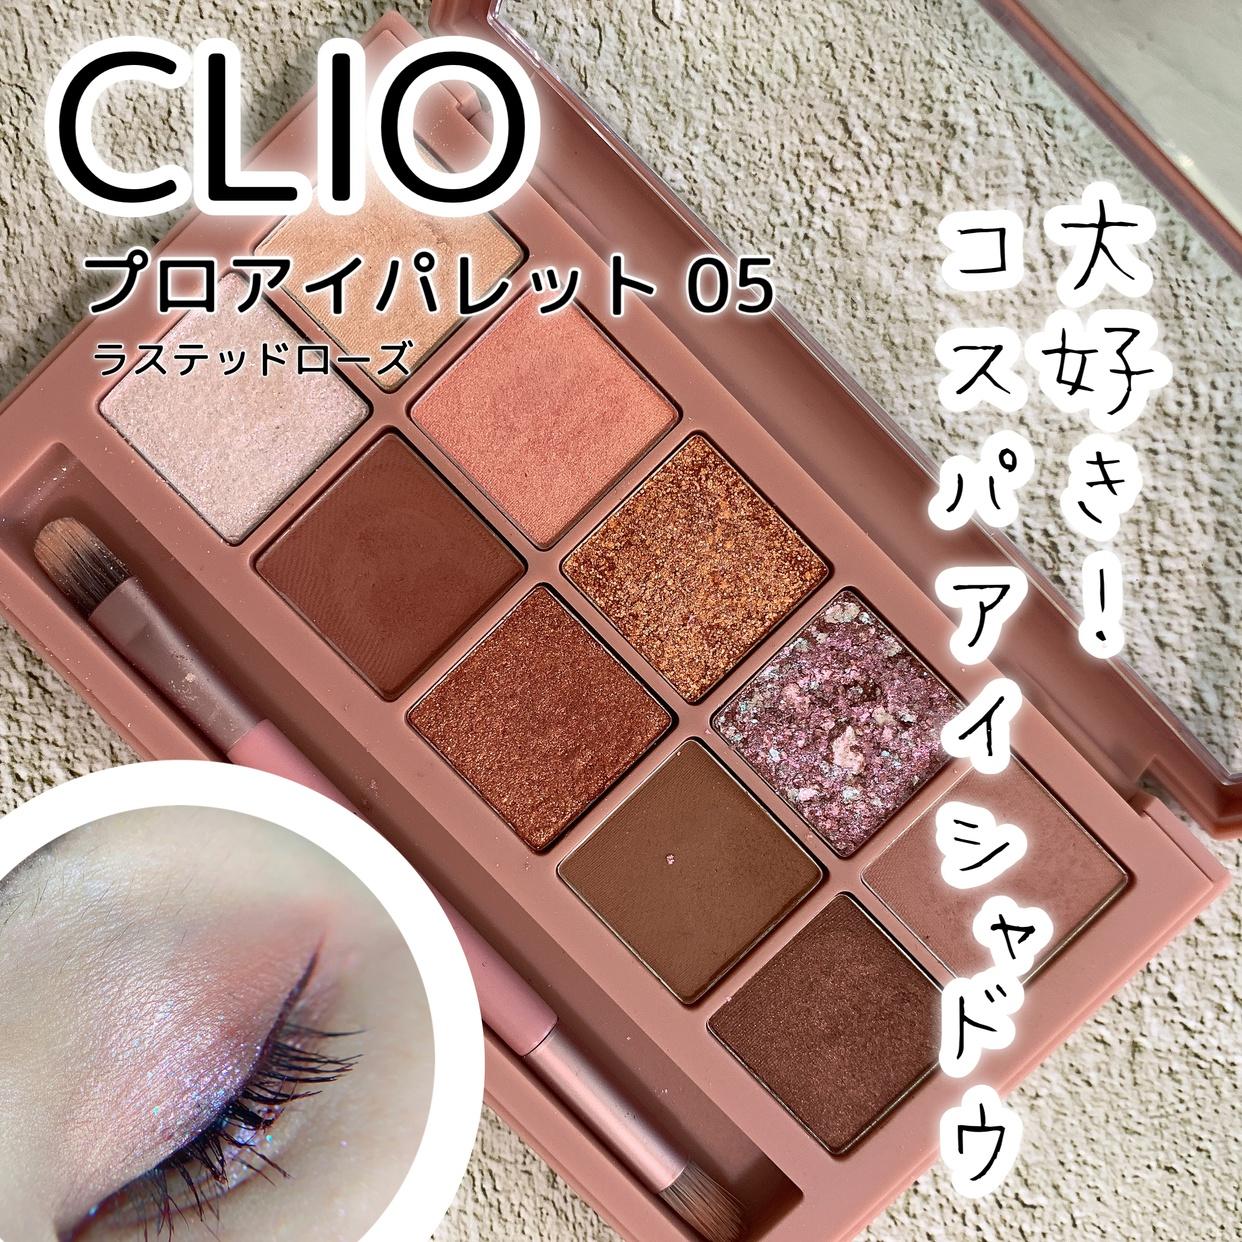 CLIO(クリオ)プロ アイ パレットを使ったマト子さんのクチコミ画像